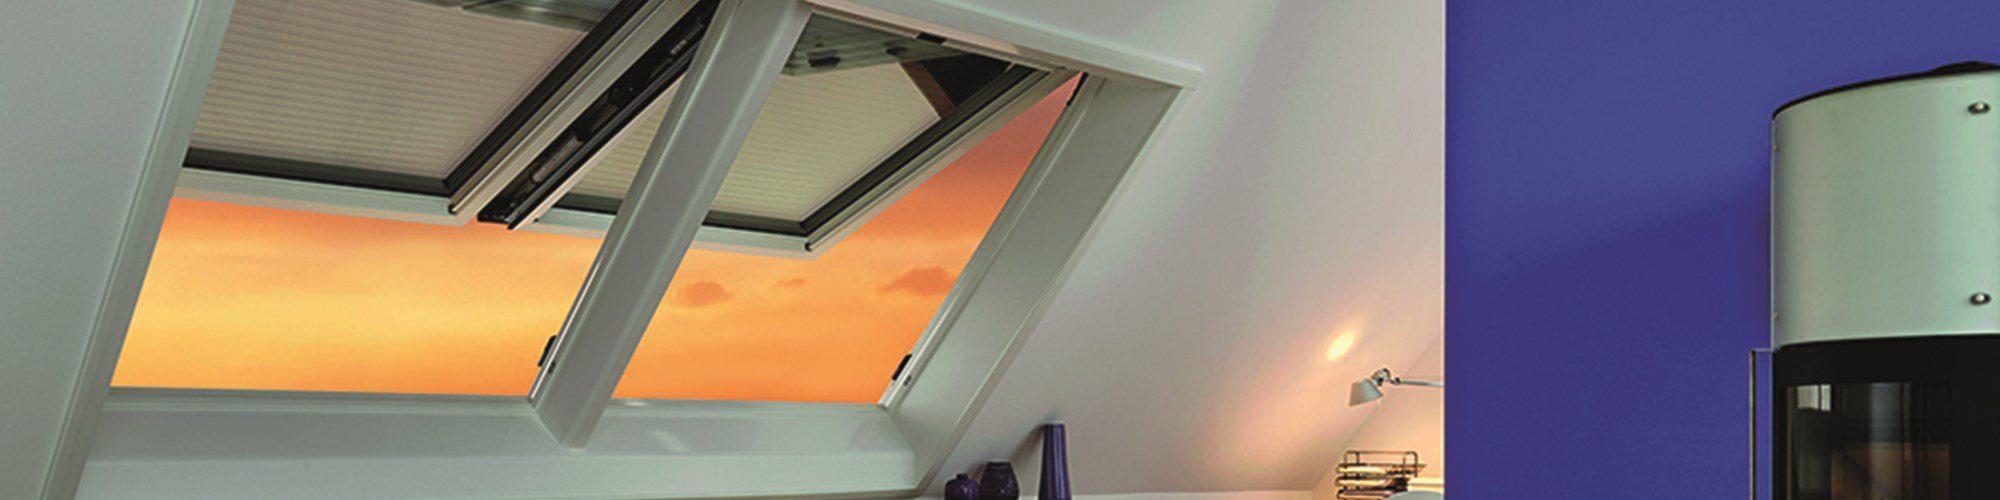 Roto Dachfenstereinbau Kombi